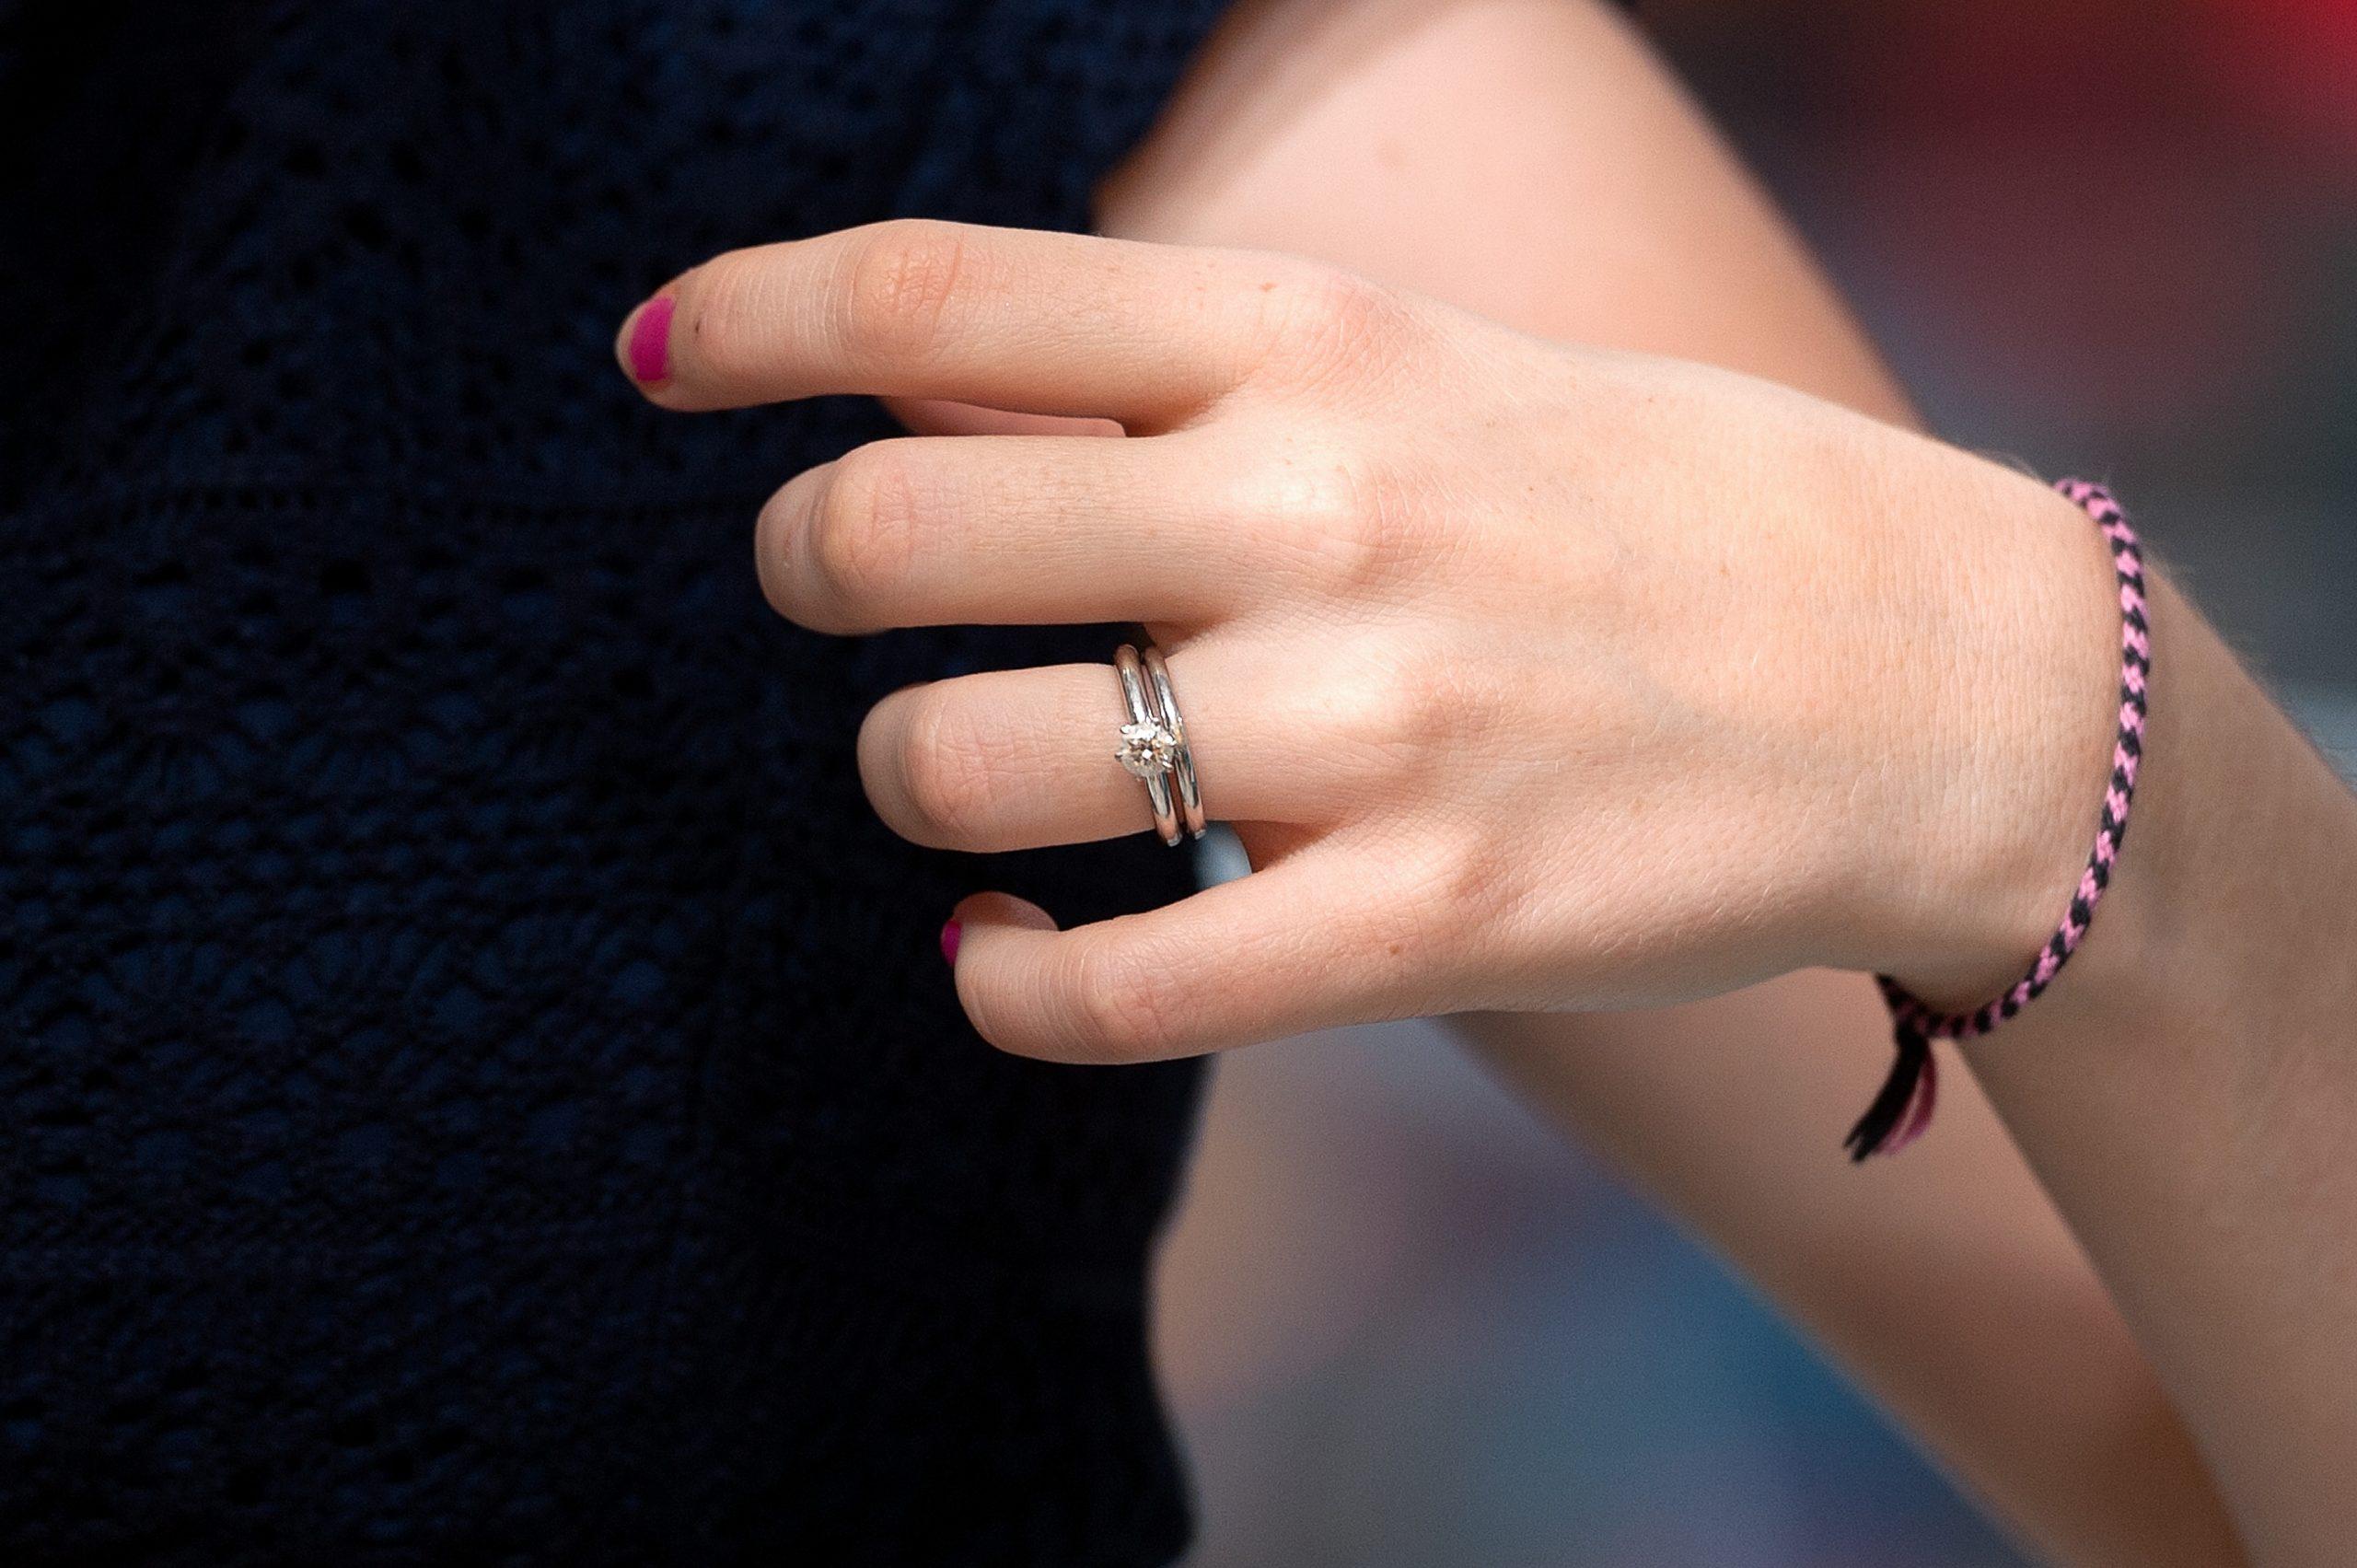 A closeup of Jill Duggar's engagement ring